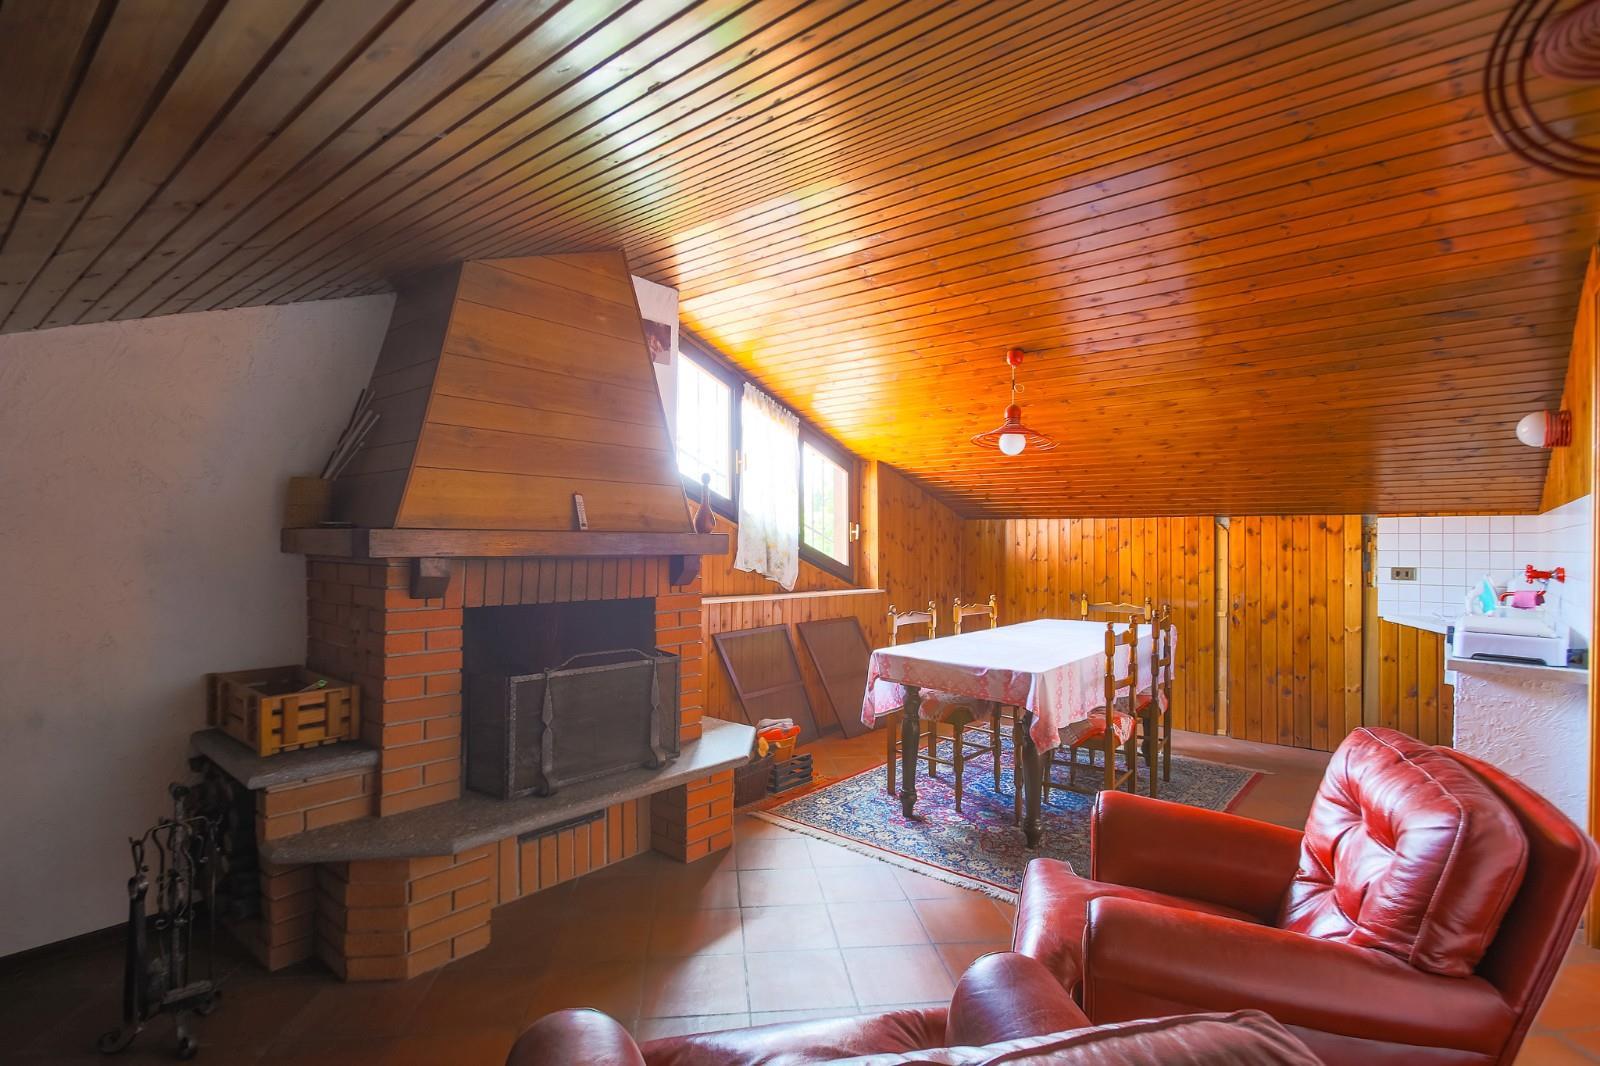 Foto 17 - Appartamento in Vendita - Verano Brianza (Monza e Brianza)